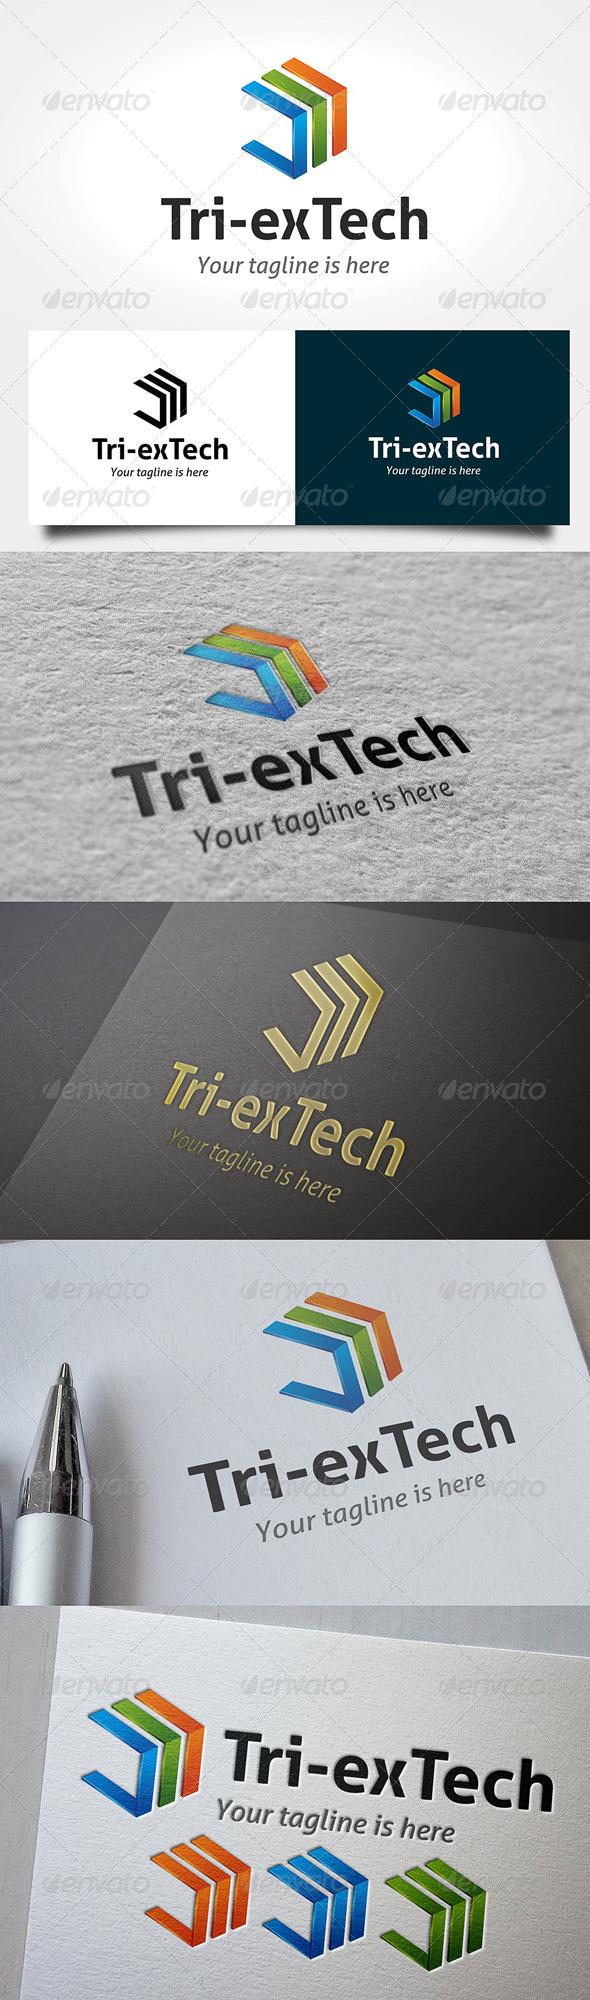 GraphicRiver Tri-exTech Logo 6481798